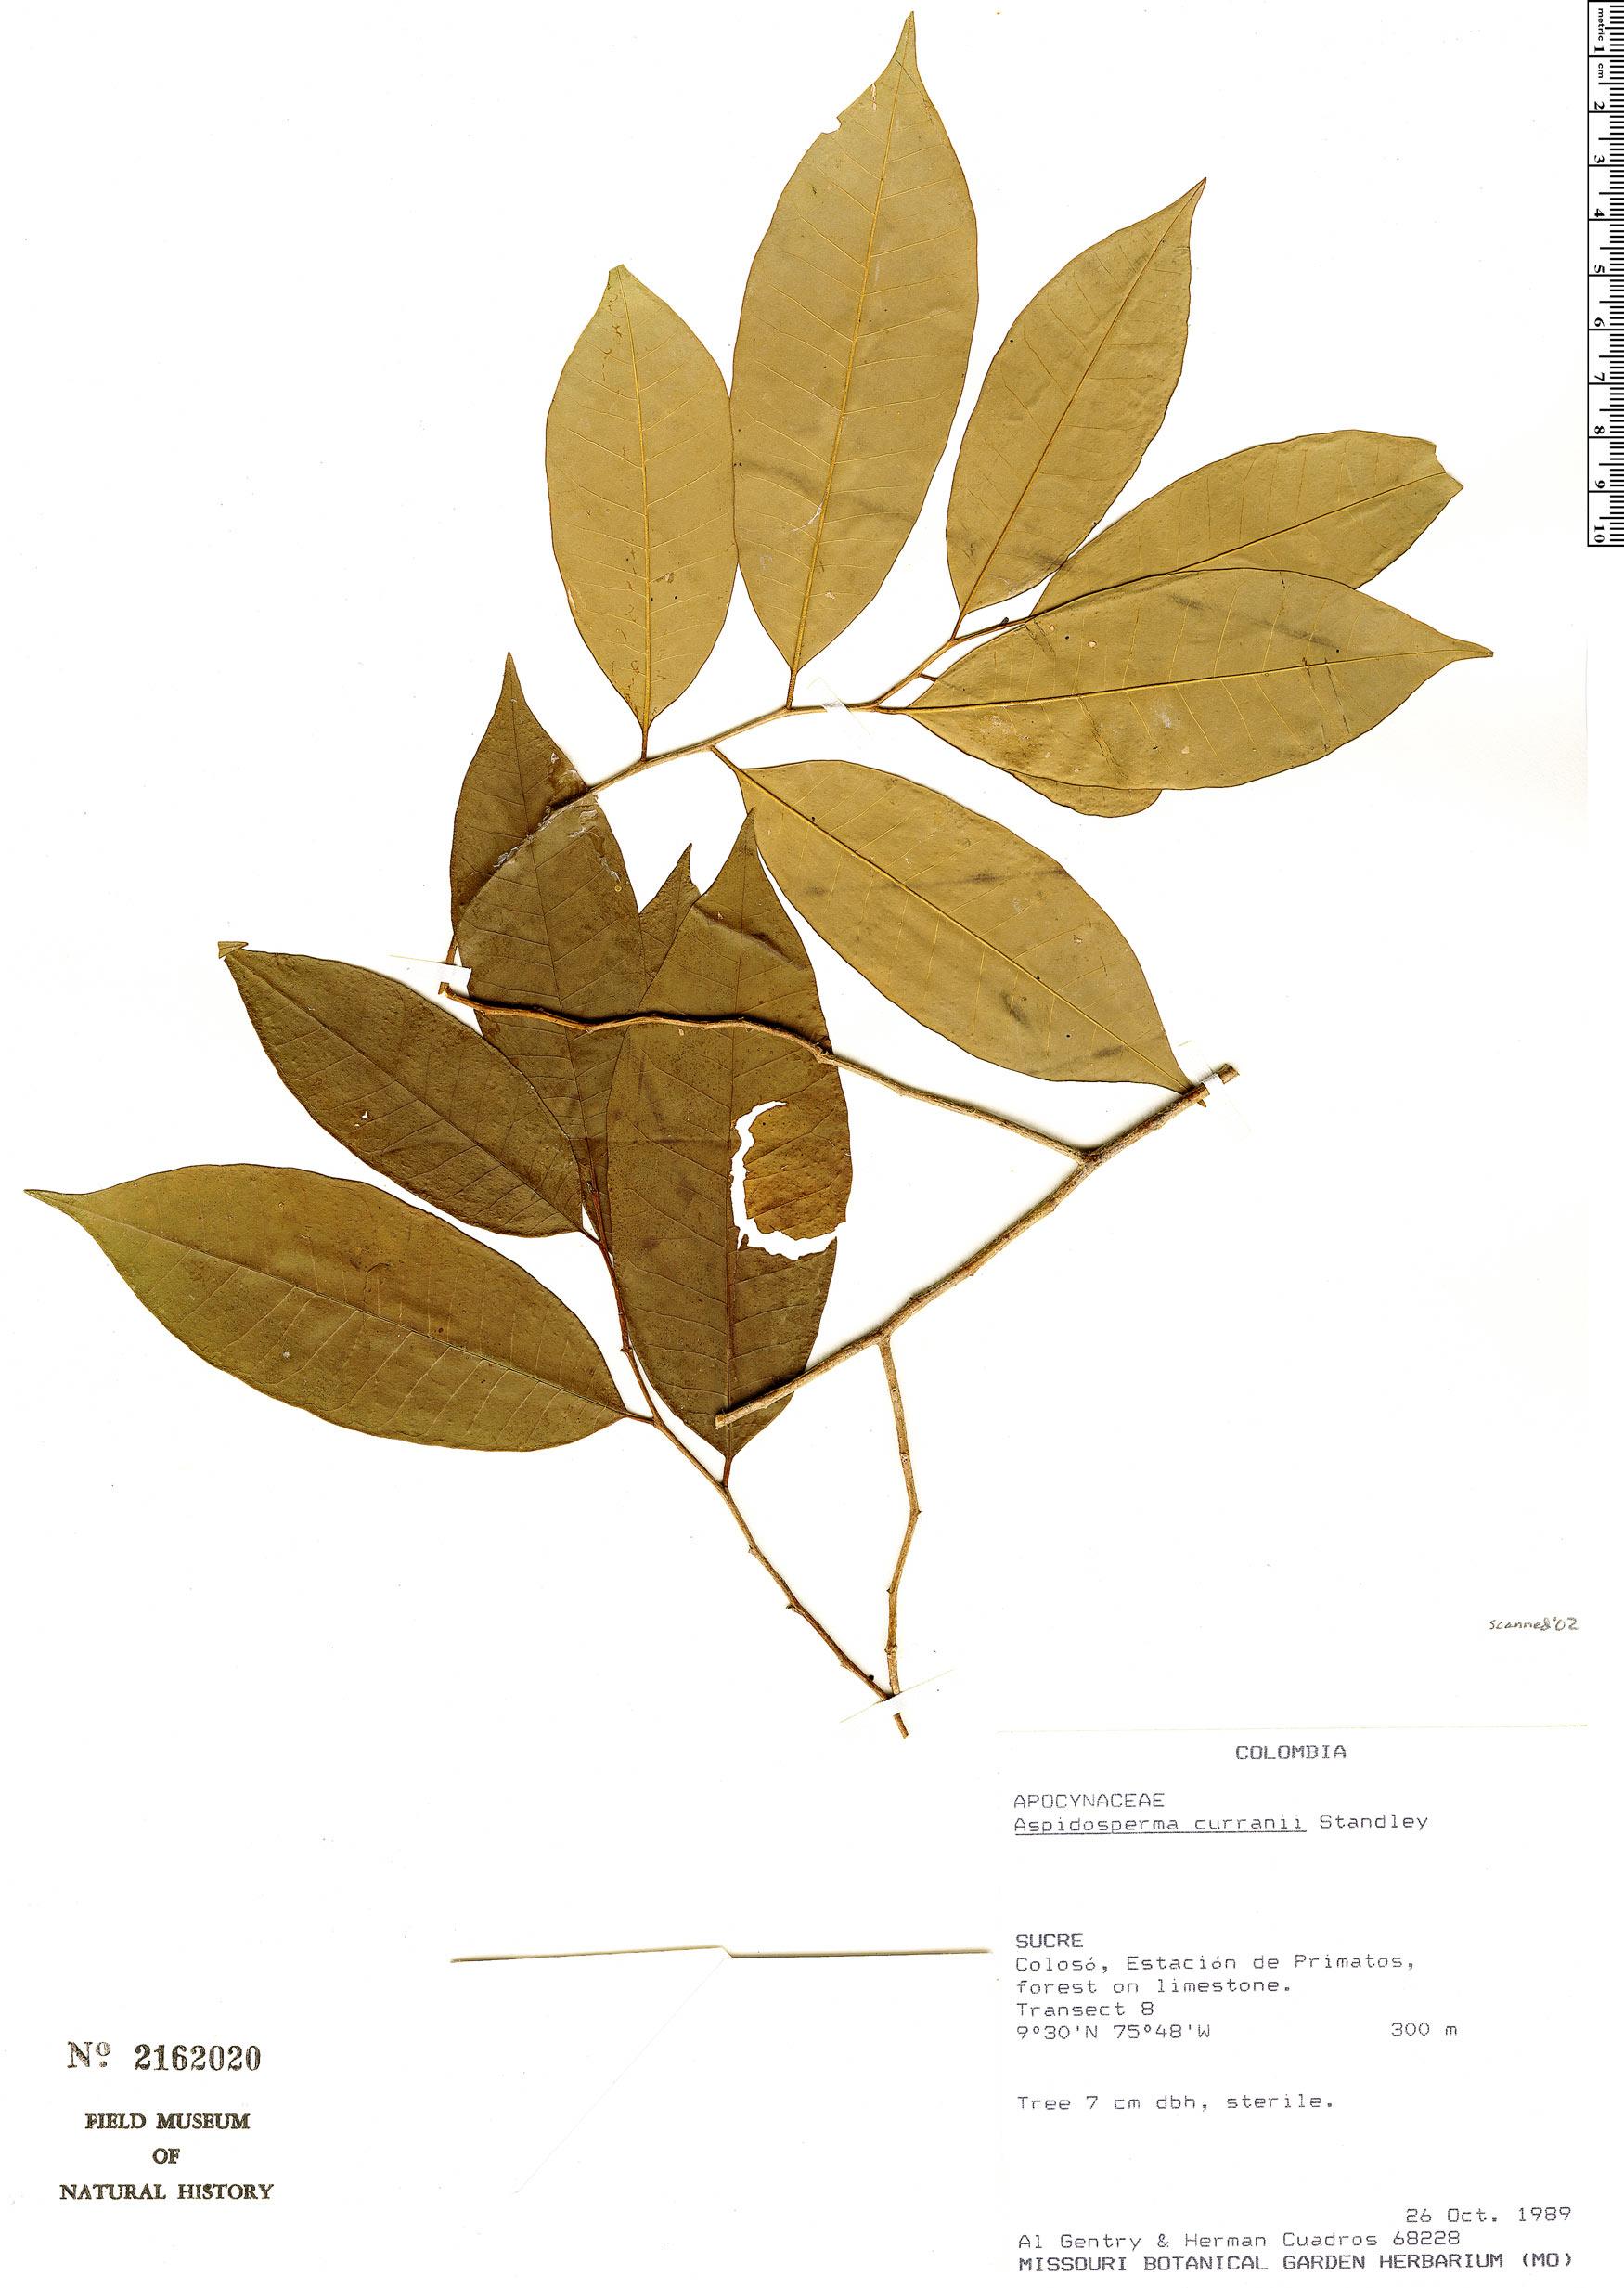 Specimen: Aspidosperma megalocarpon